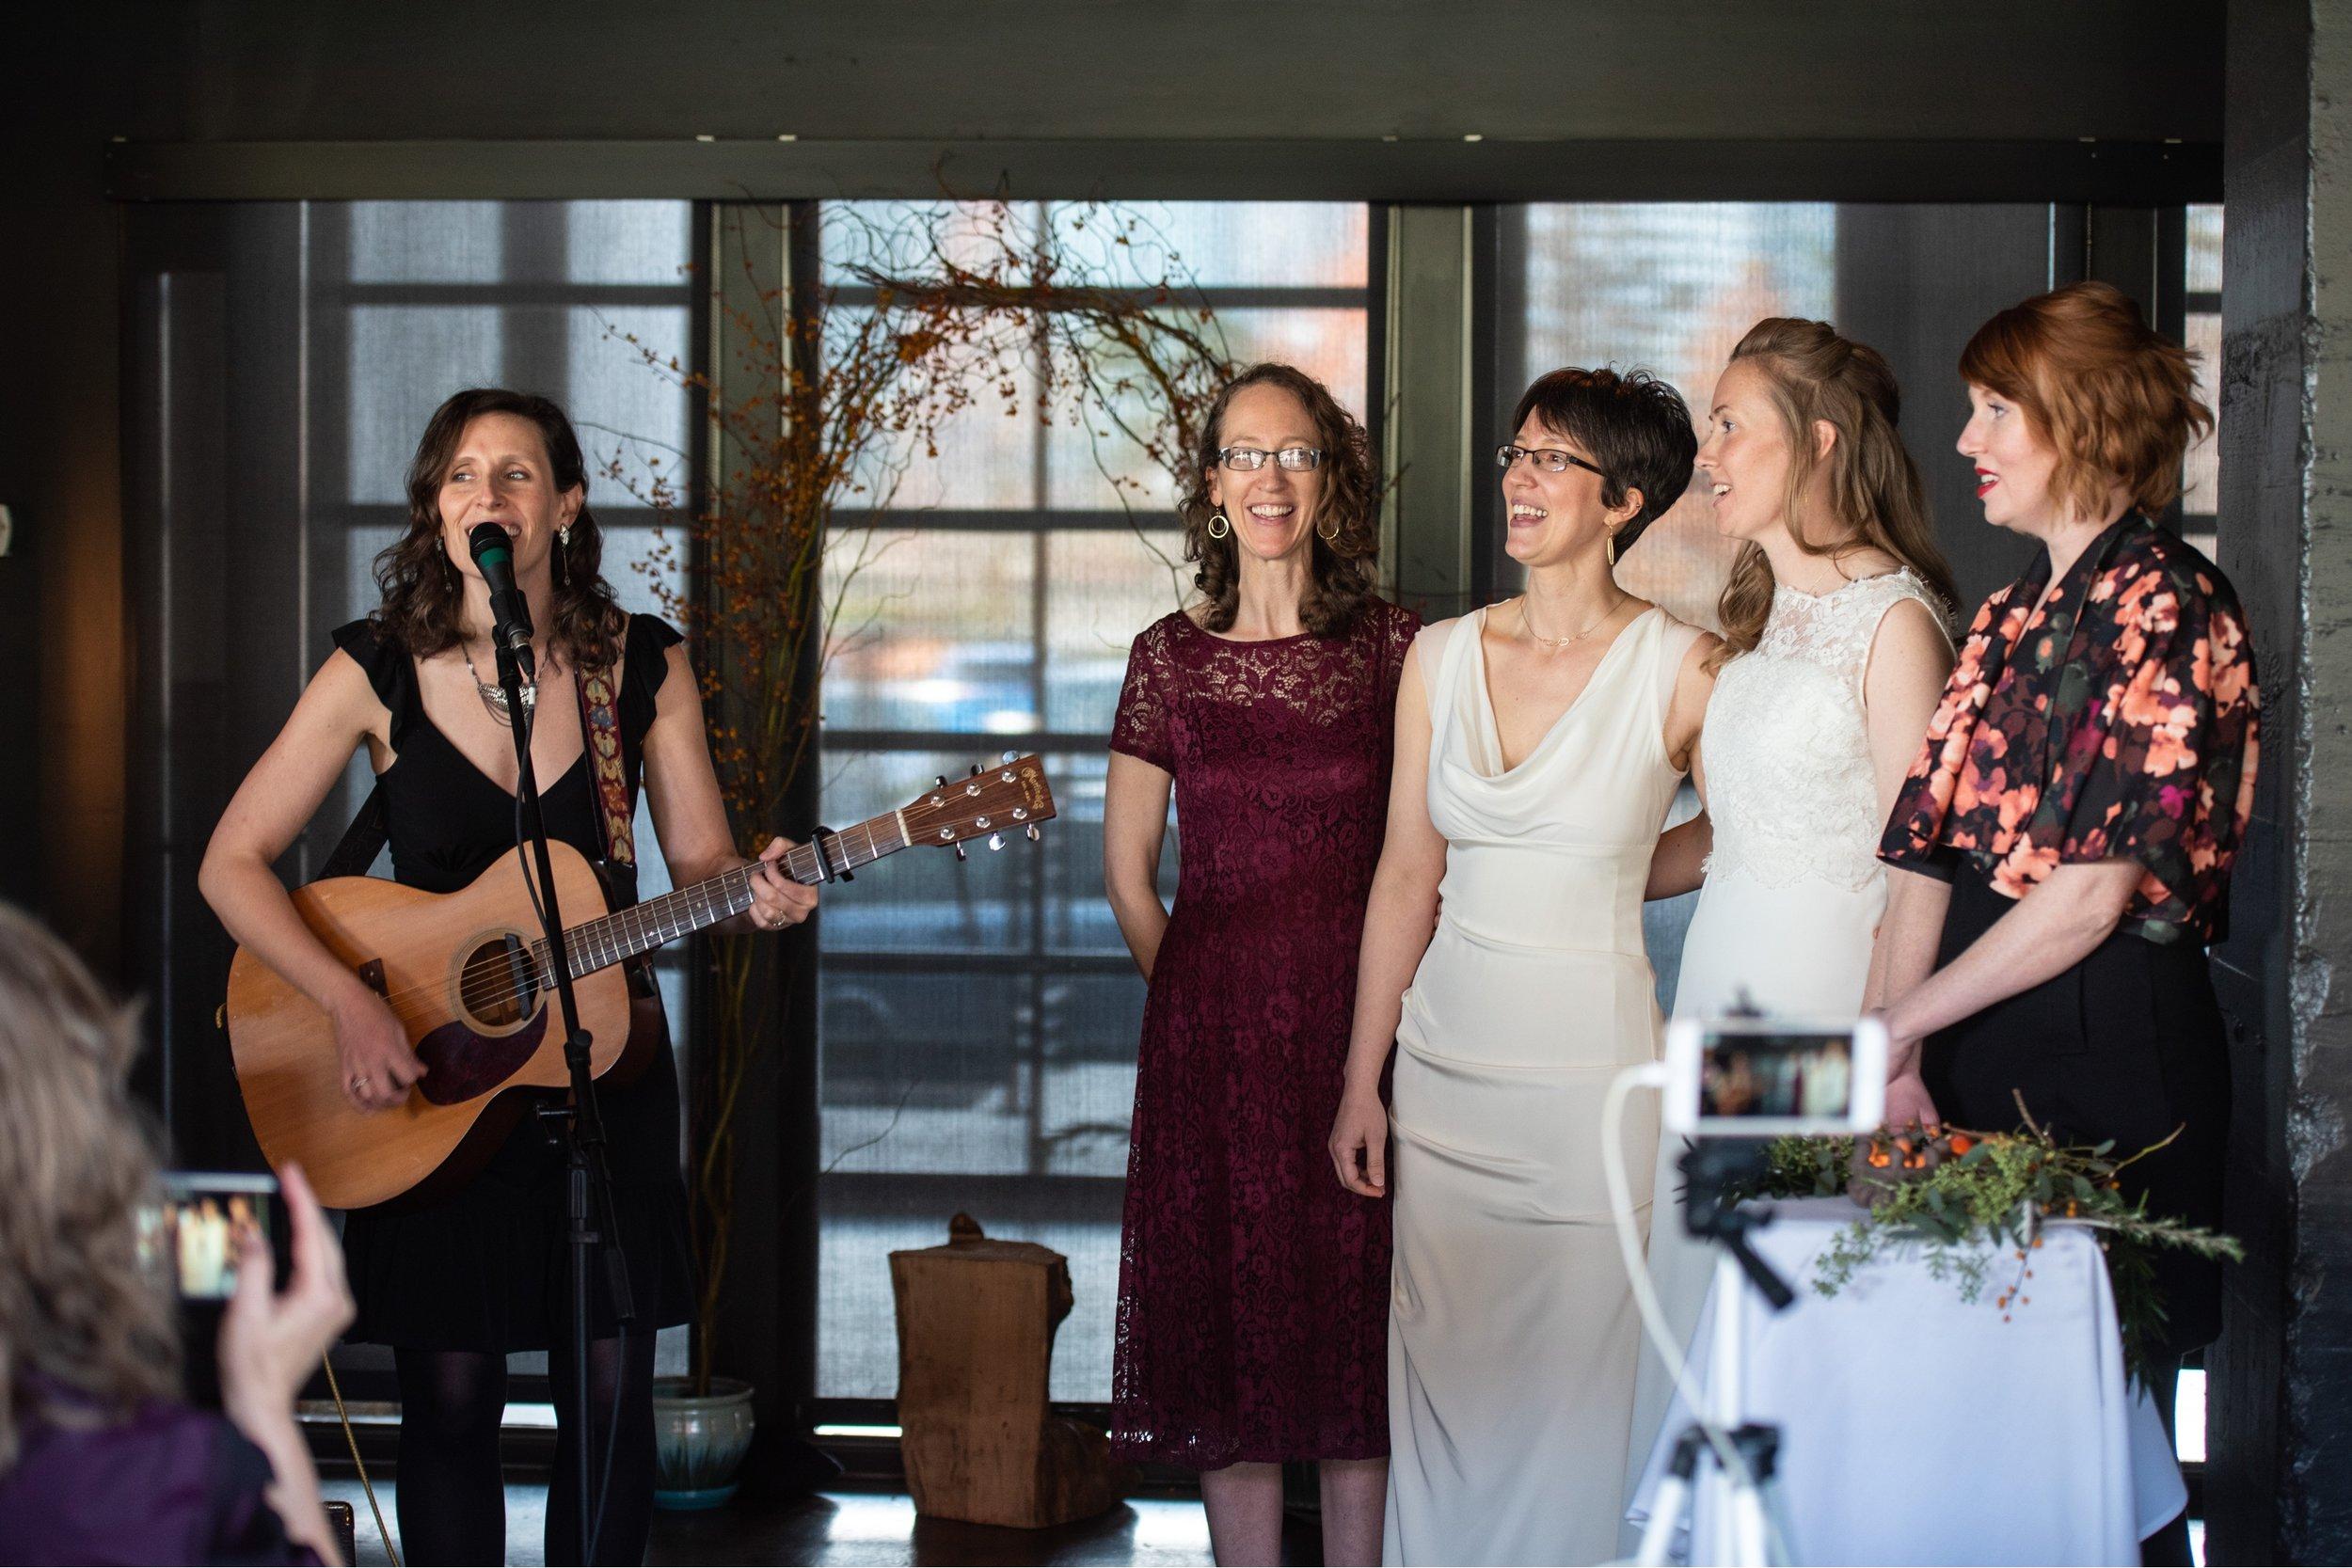 Jeannie + Rebekah wedding 2 1.jpg